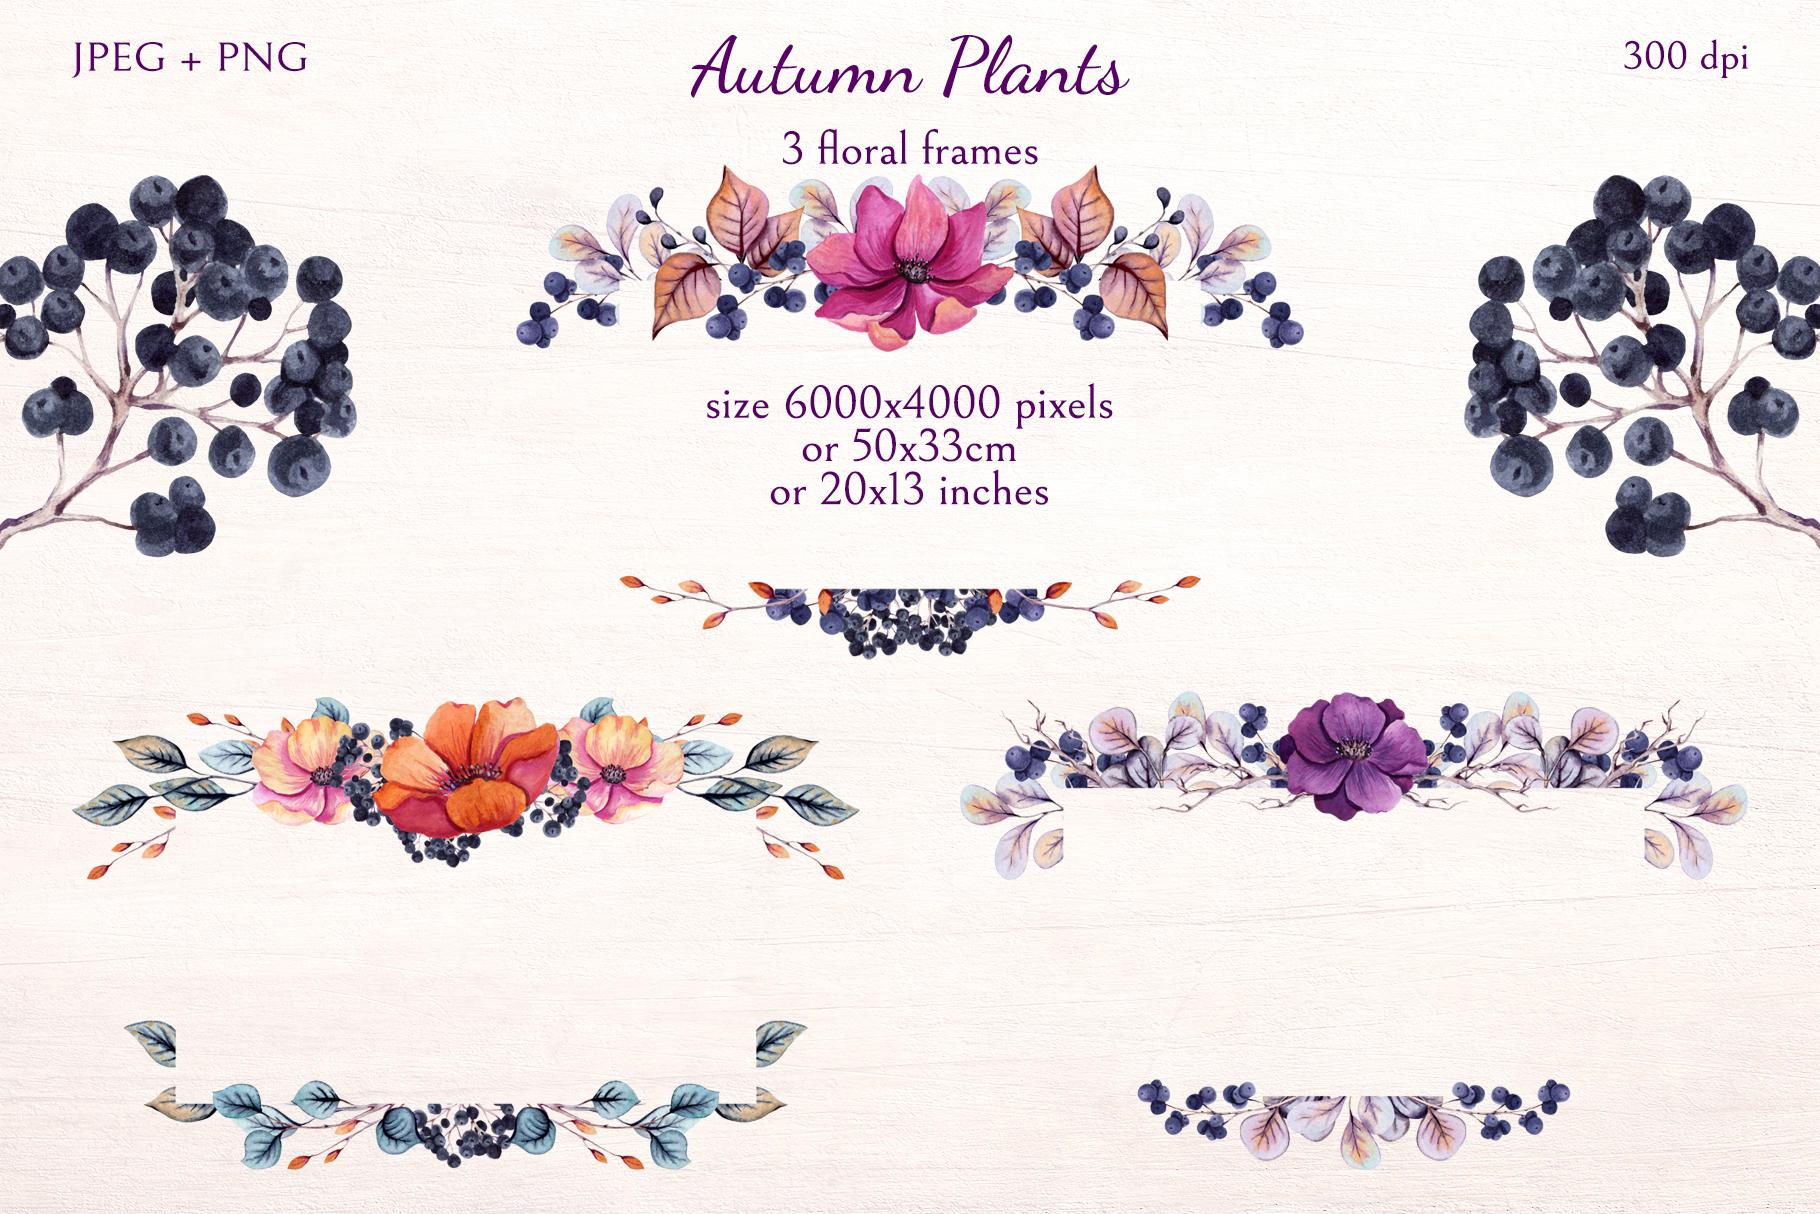 Autumn Plants example image 6